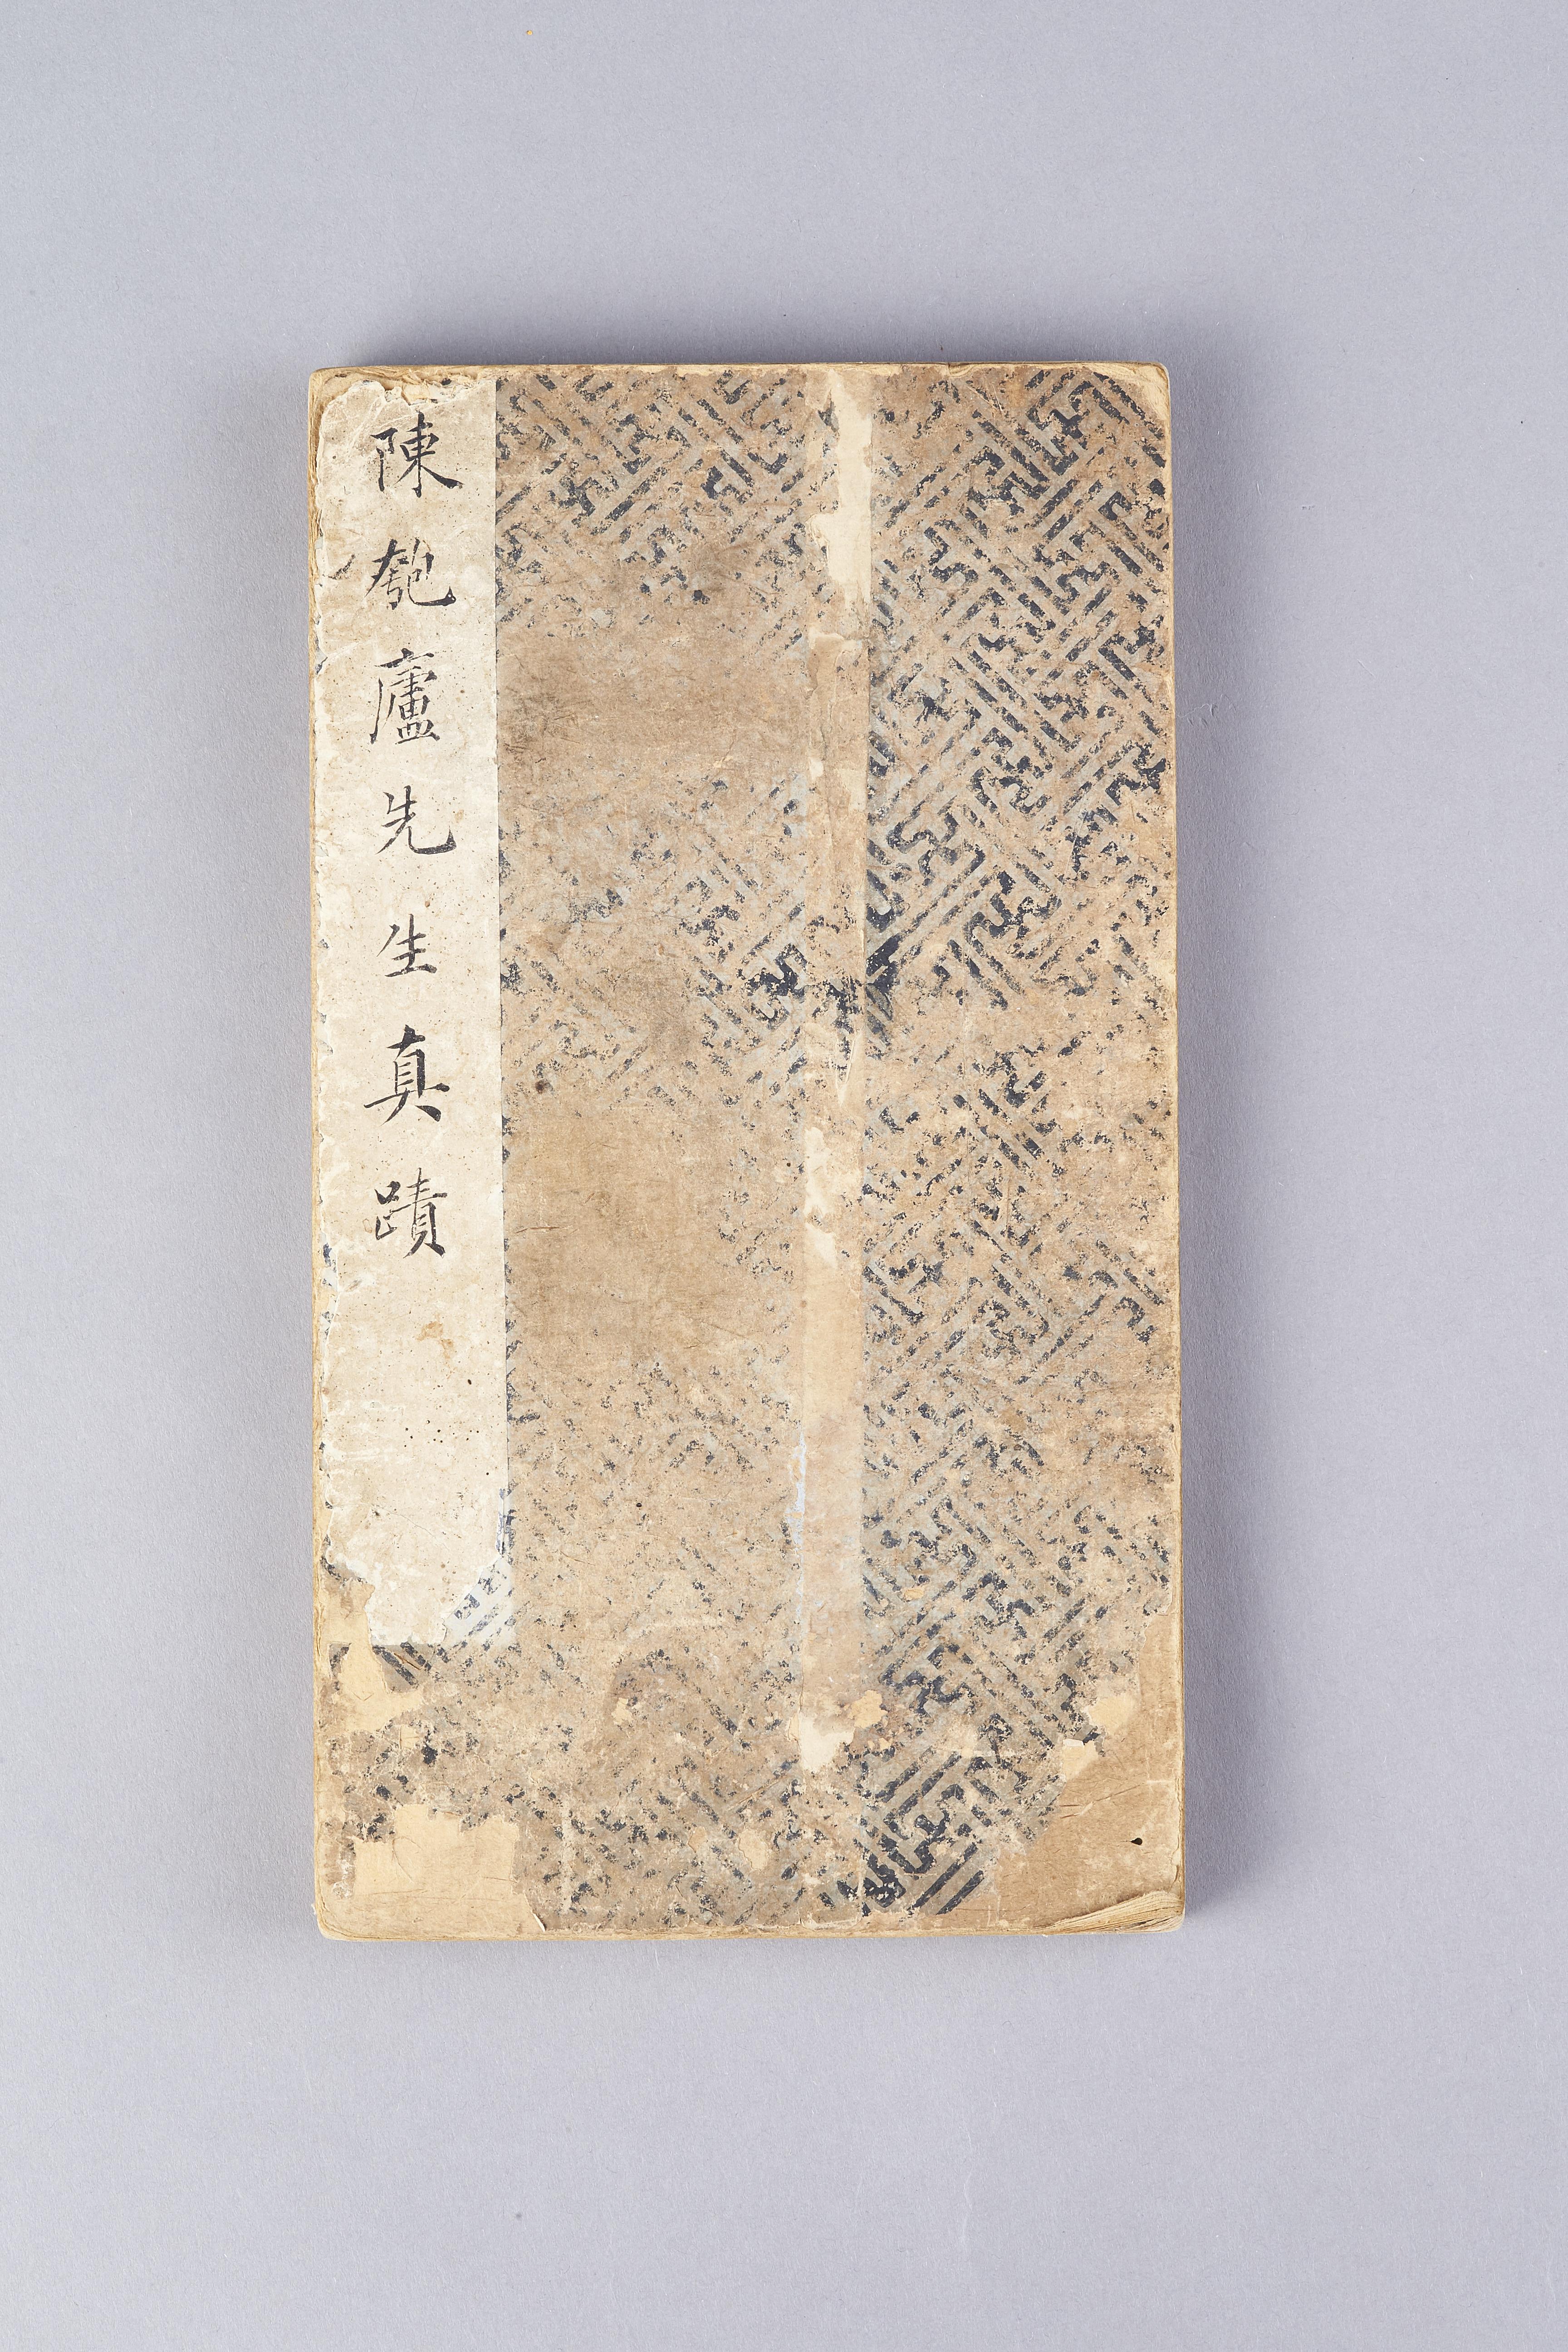 171588「陳邦彦」行書「唐宋絶句」冊十二開